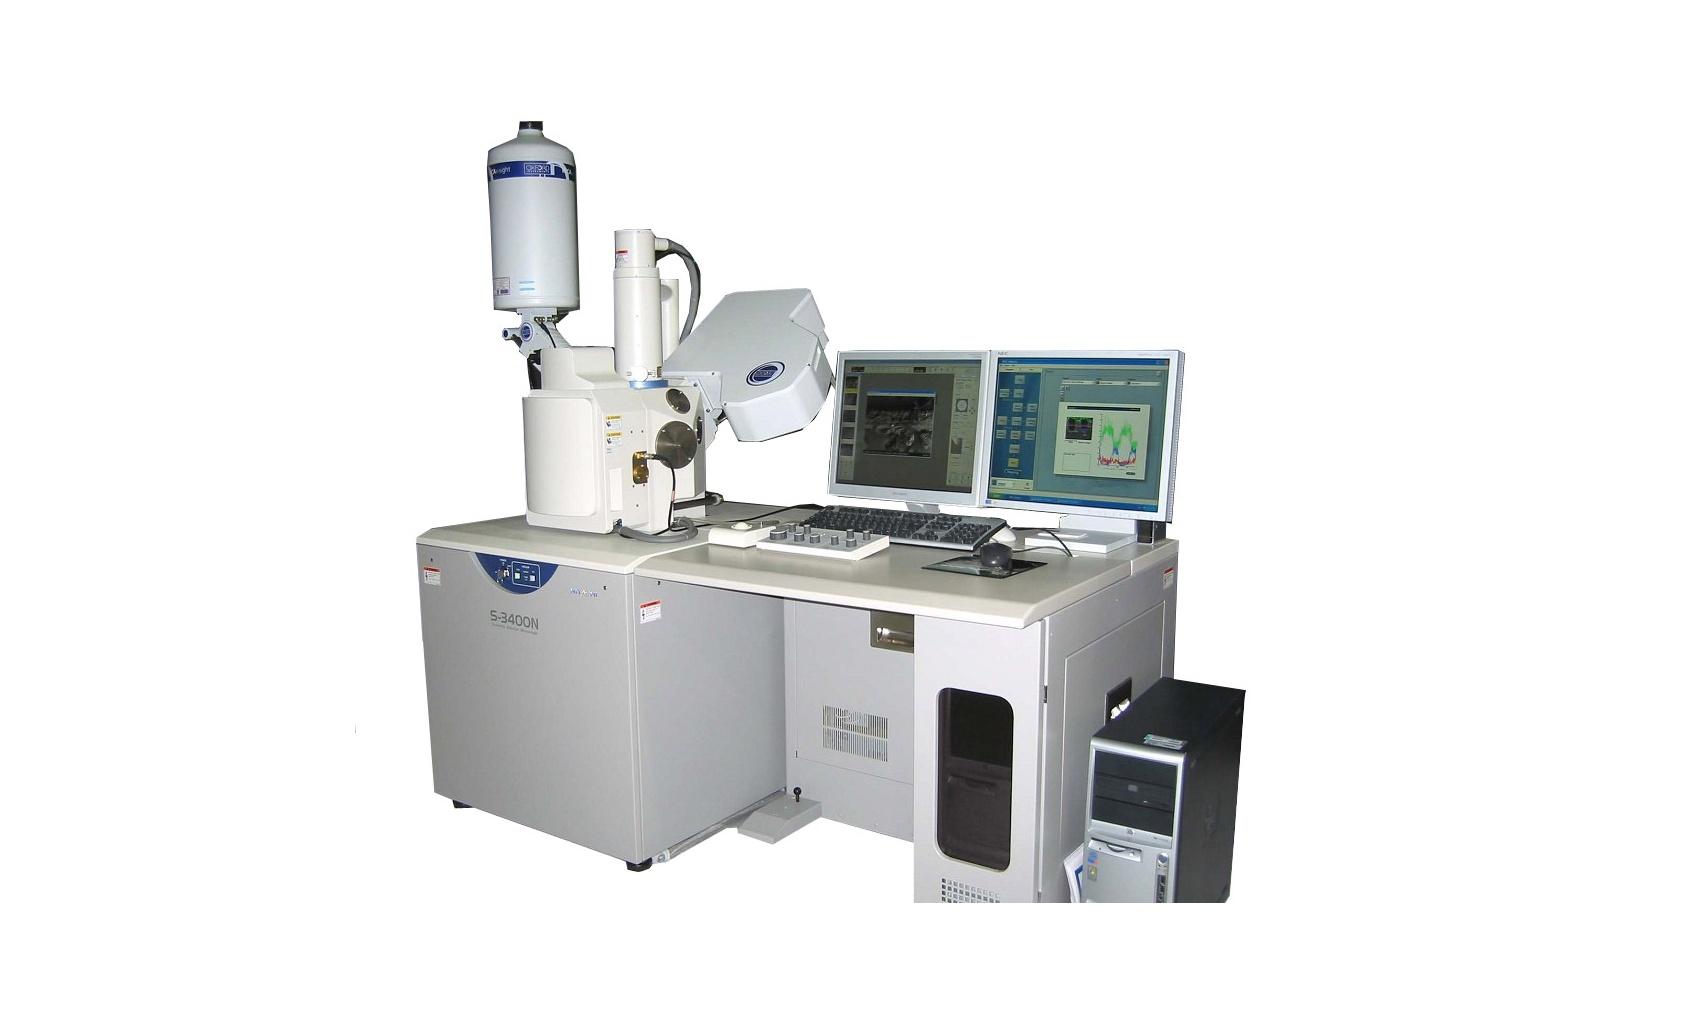 南方科技大学扫描电子显微镜招标公告